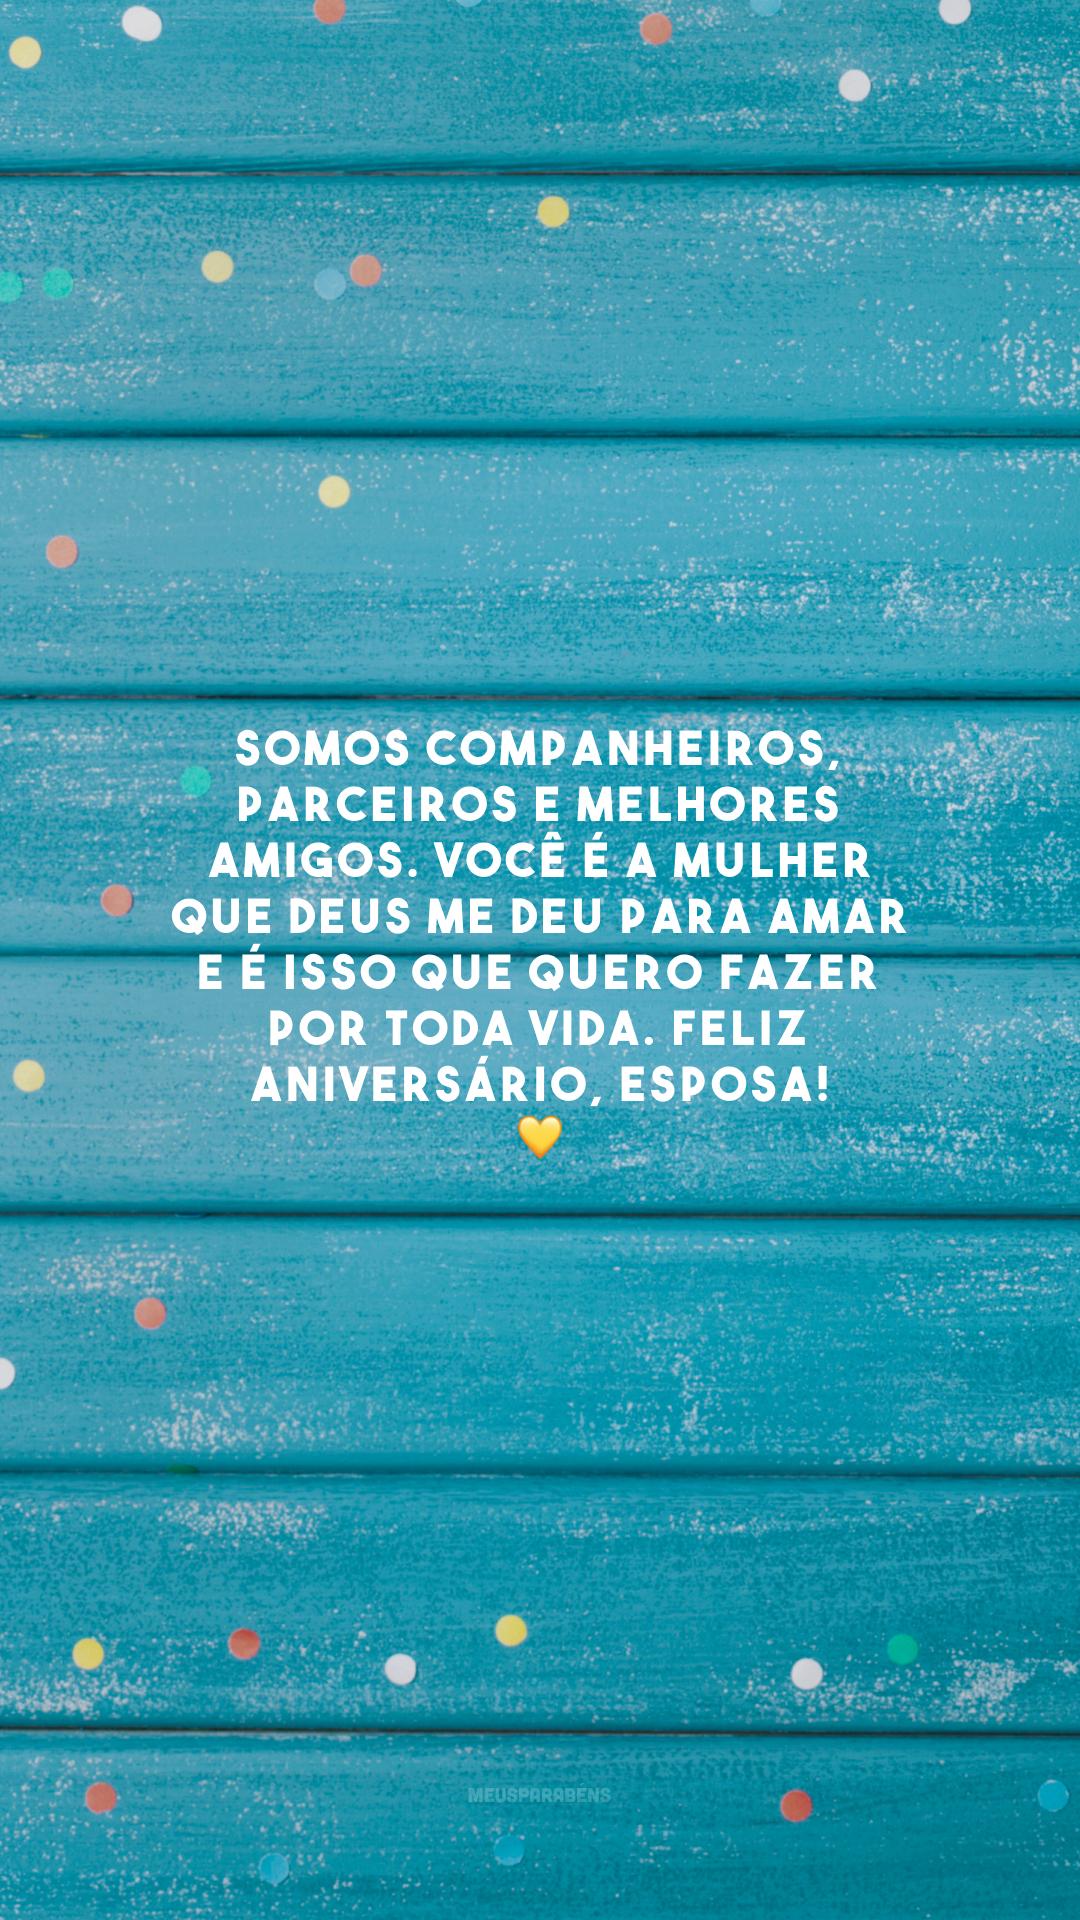 Somos companheiros, parceiros e melhores amigos. Você é a mulher que Deus me deu para amar e é isso que quero fazer por toda vida. Feliz aniversário, esposa! 💛